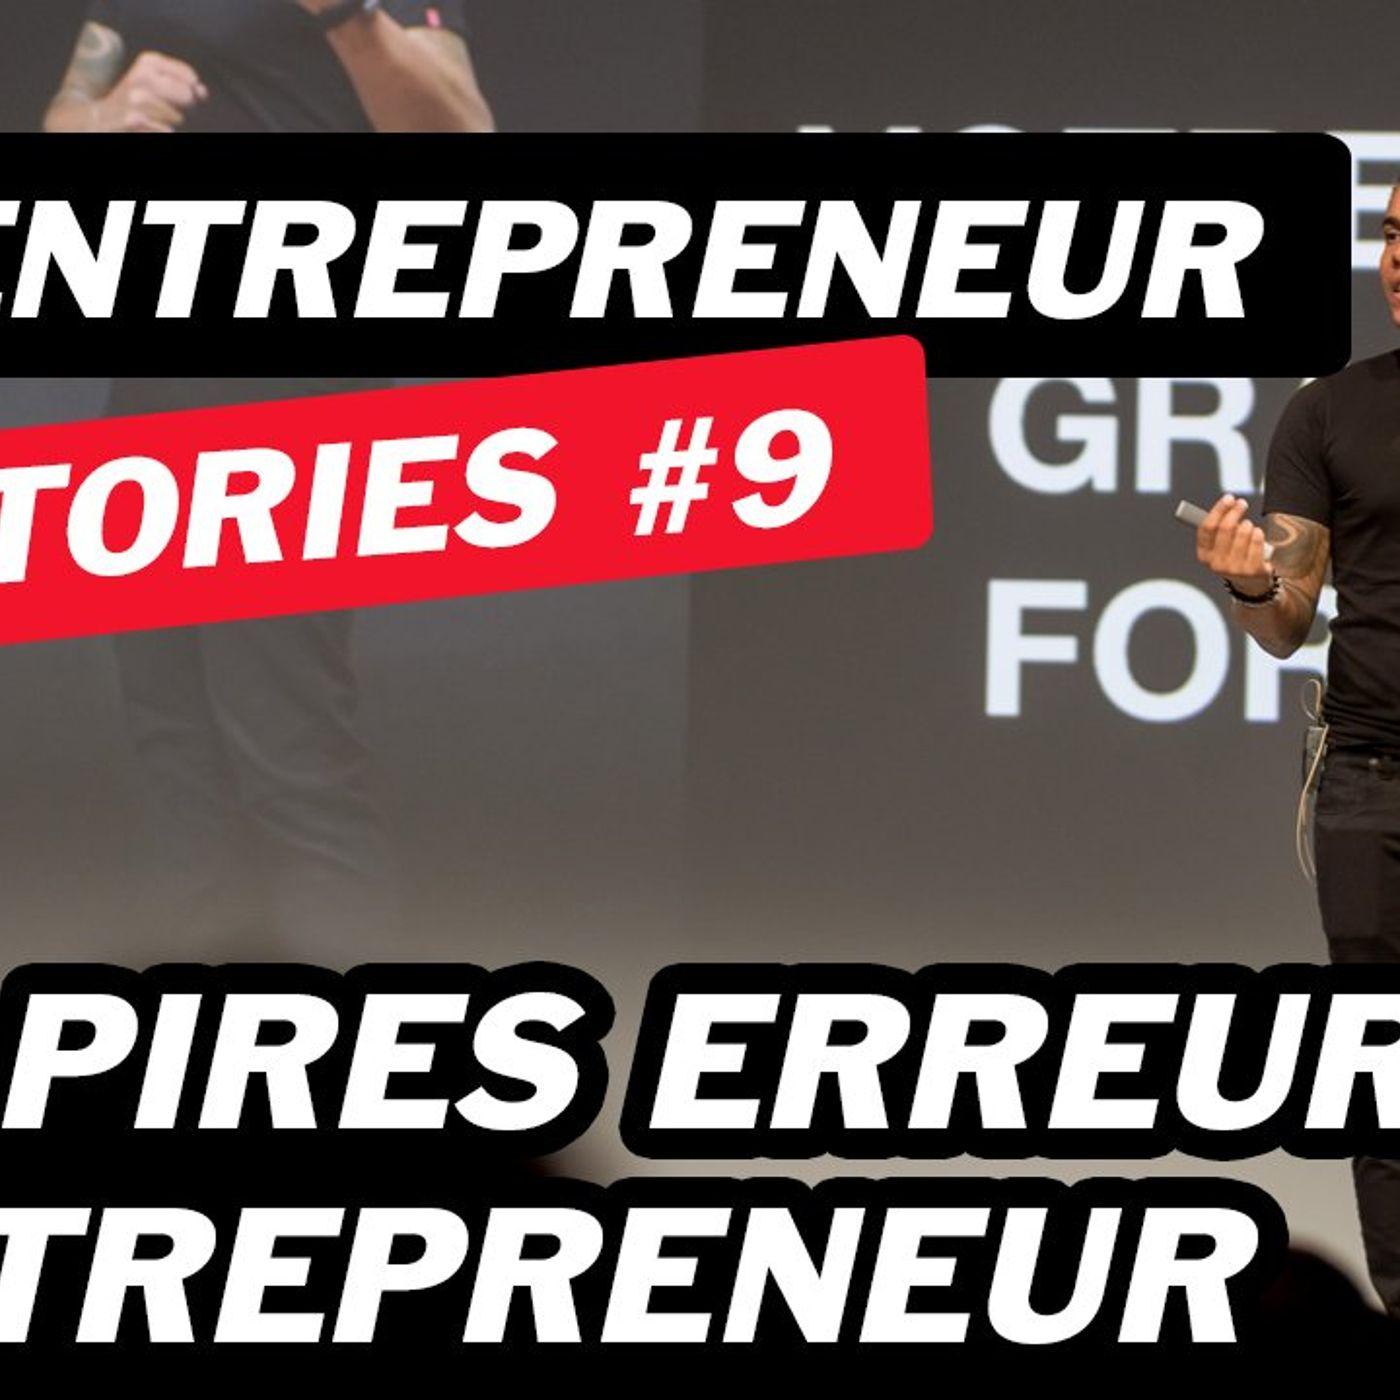 Mes pires erreurs d'entrepreneur - Gamentrepreneur Story #9